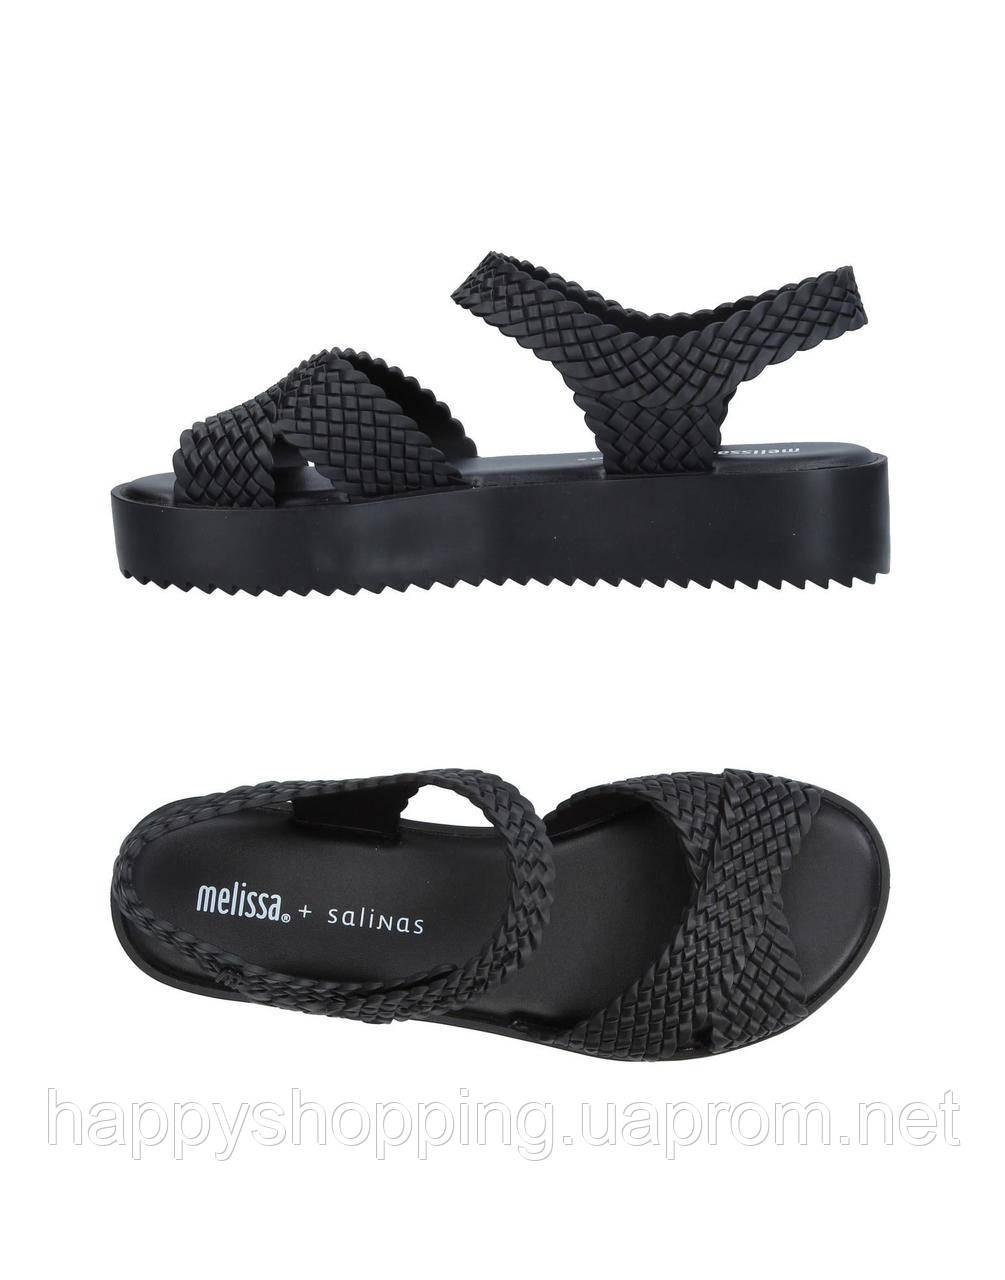 Женские черные пахнущие босоножки на платформе  бразильского бренда Melissa